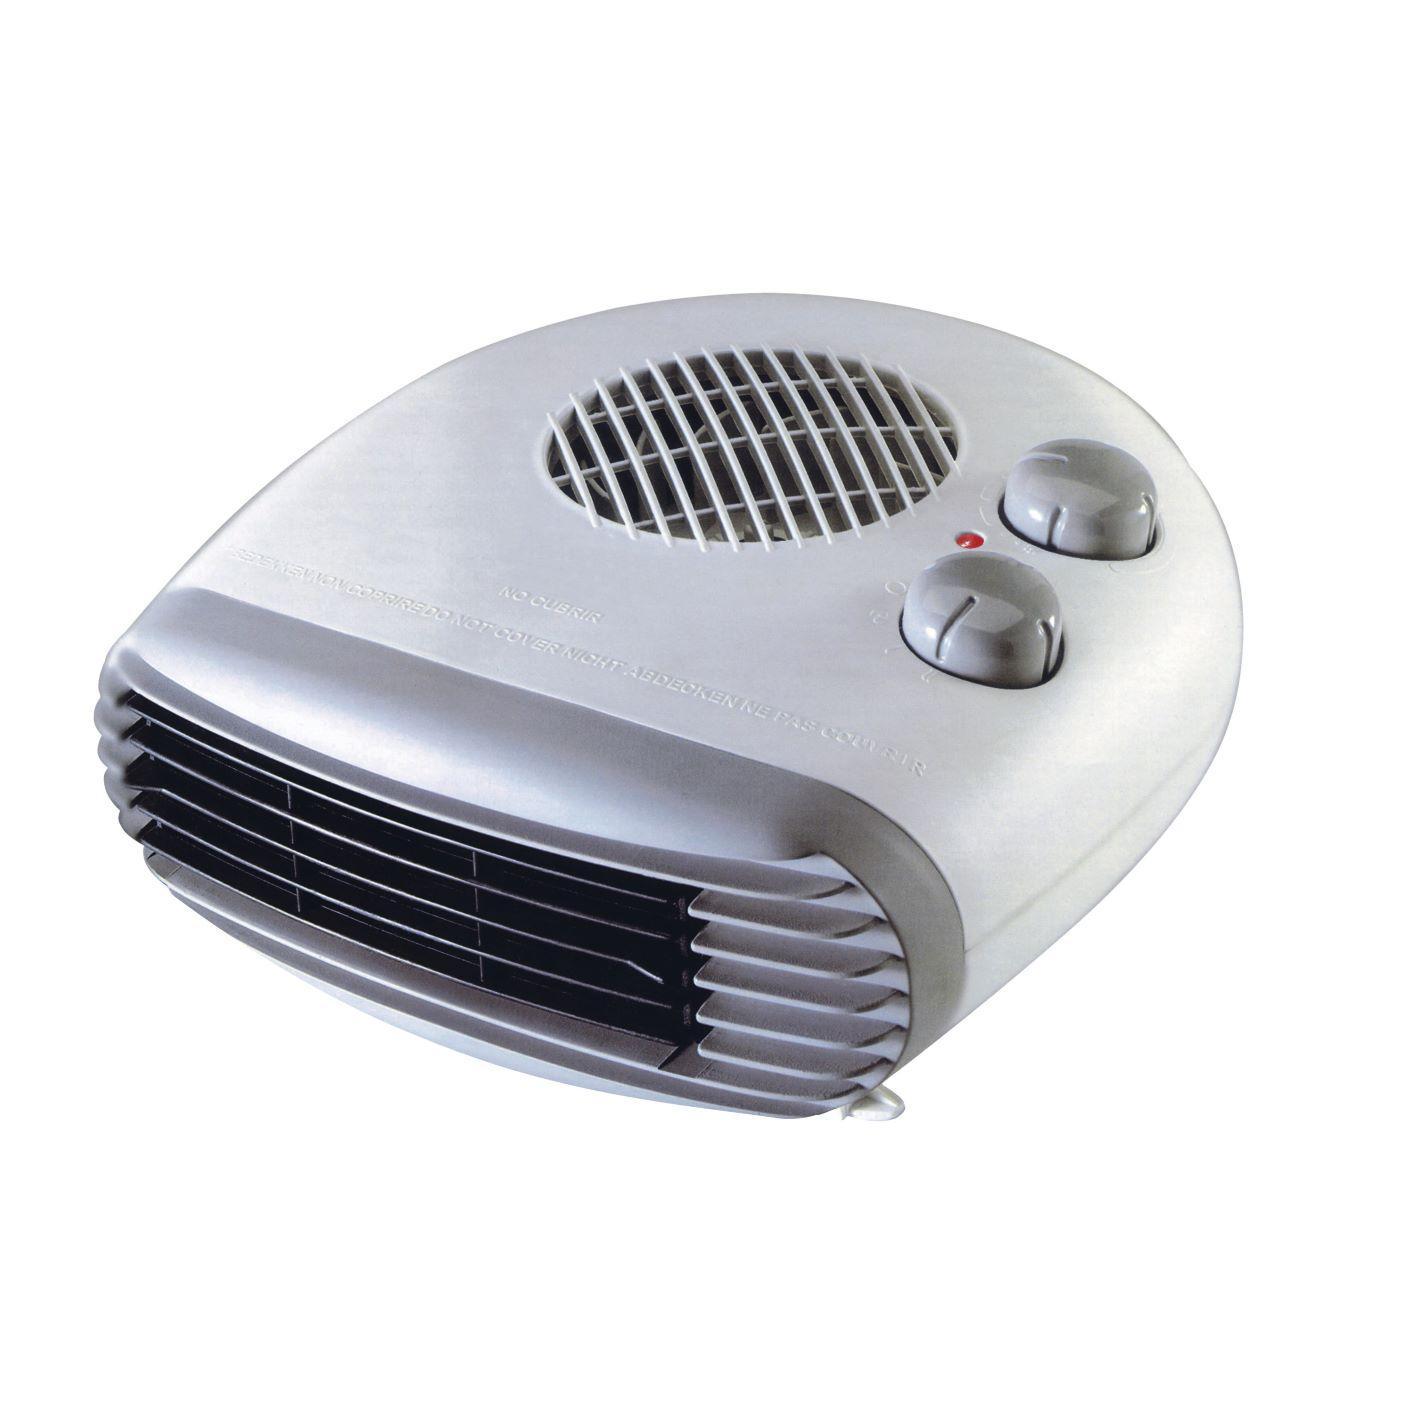 FH-102 Fan Heater - Dark Grey